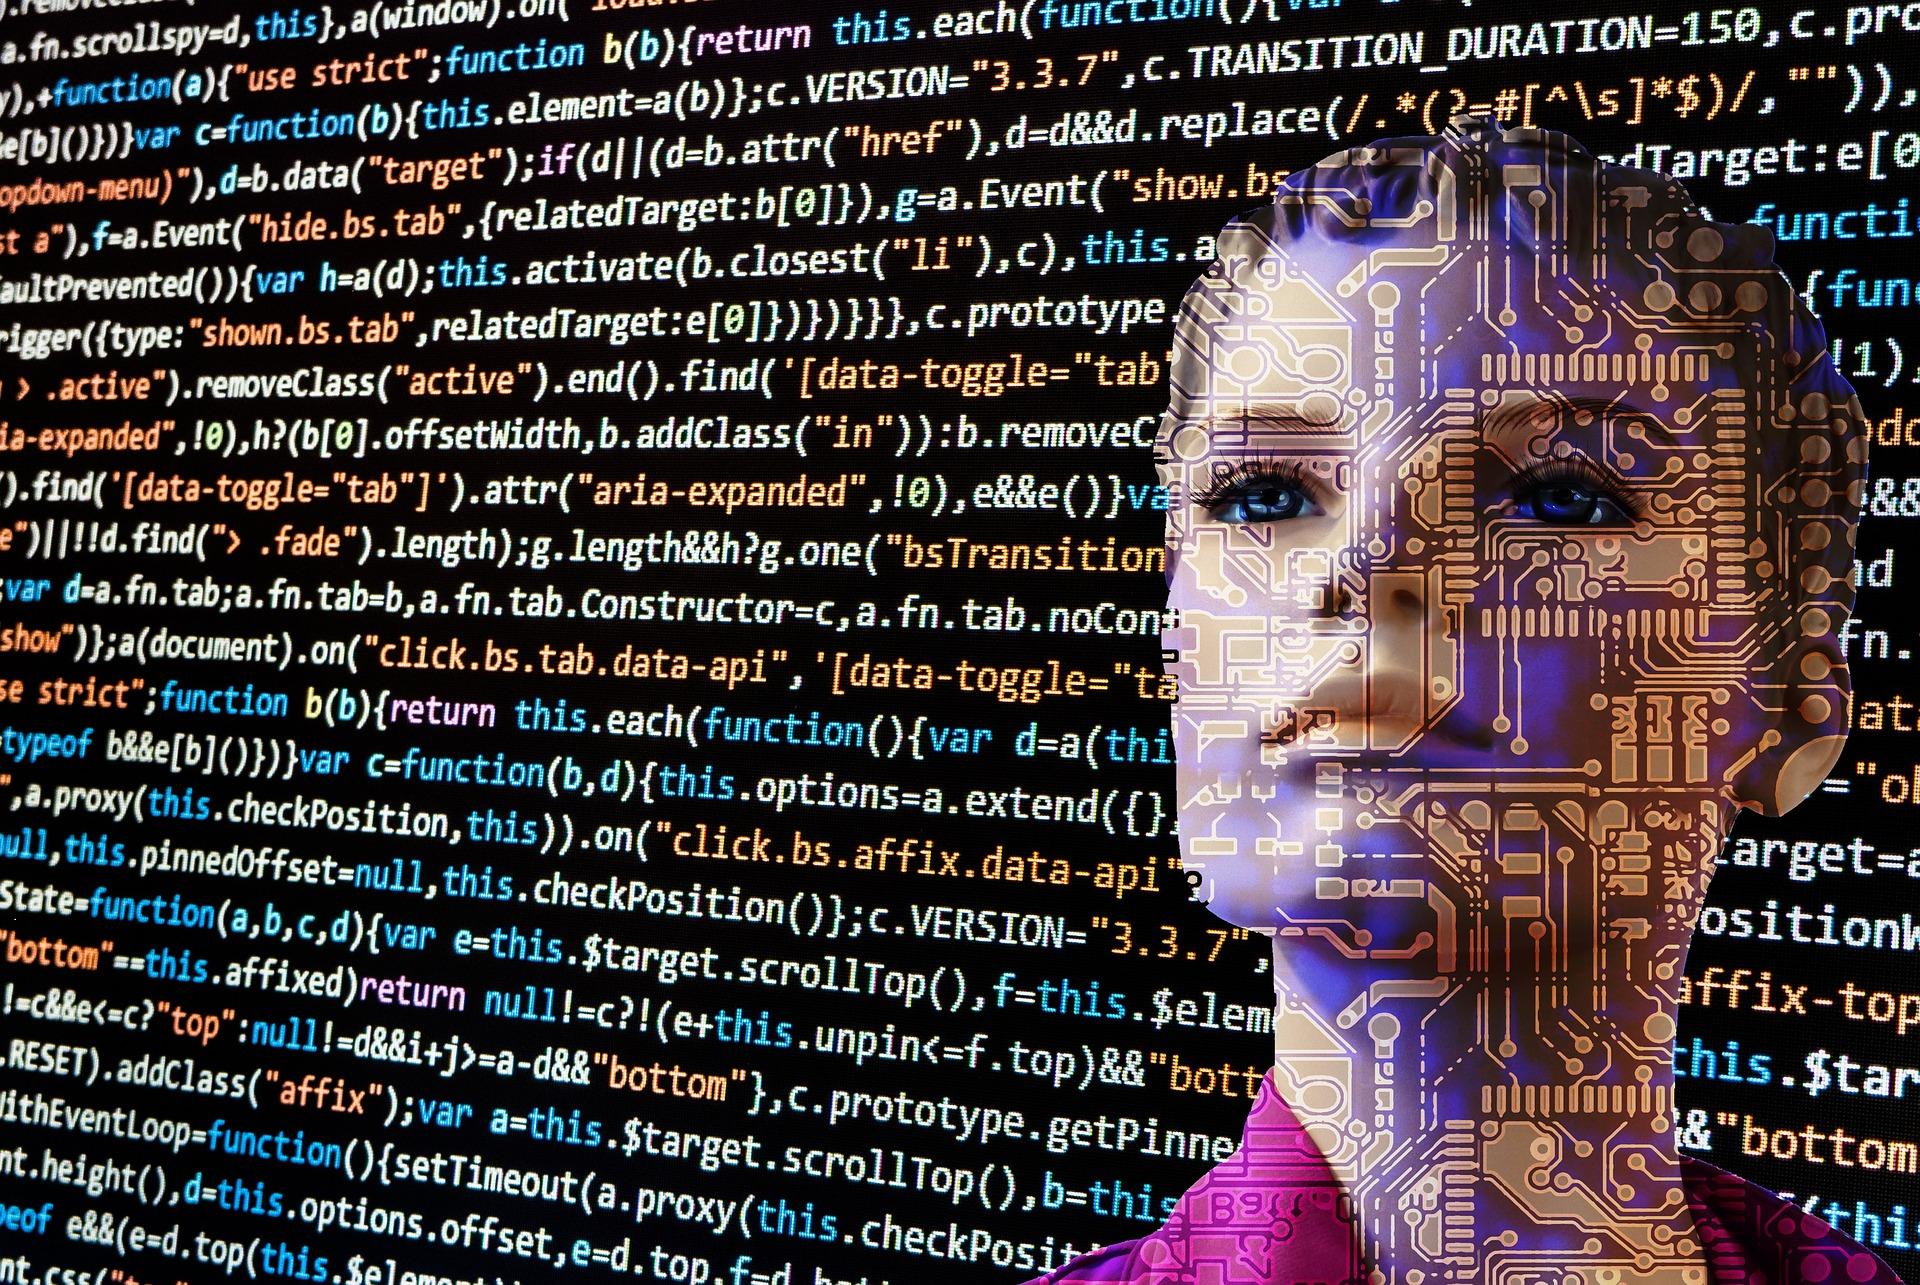 Qu'est-ce qu'un robot trader?